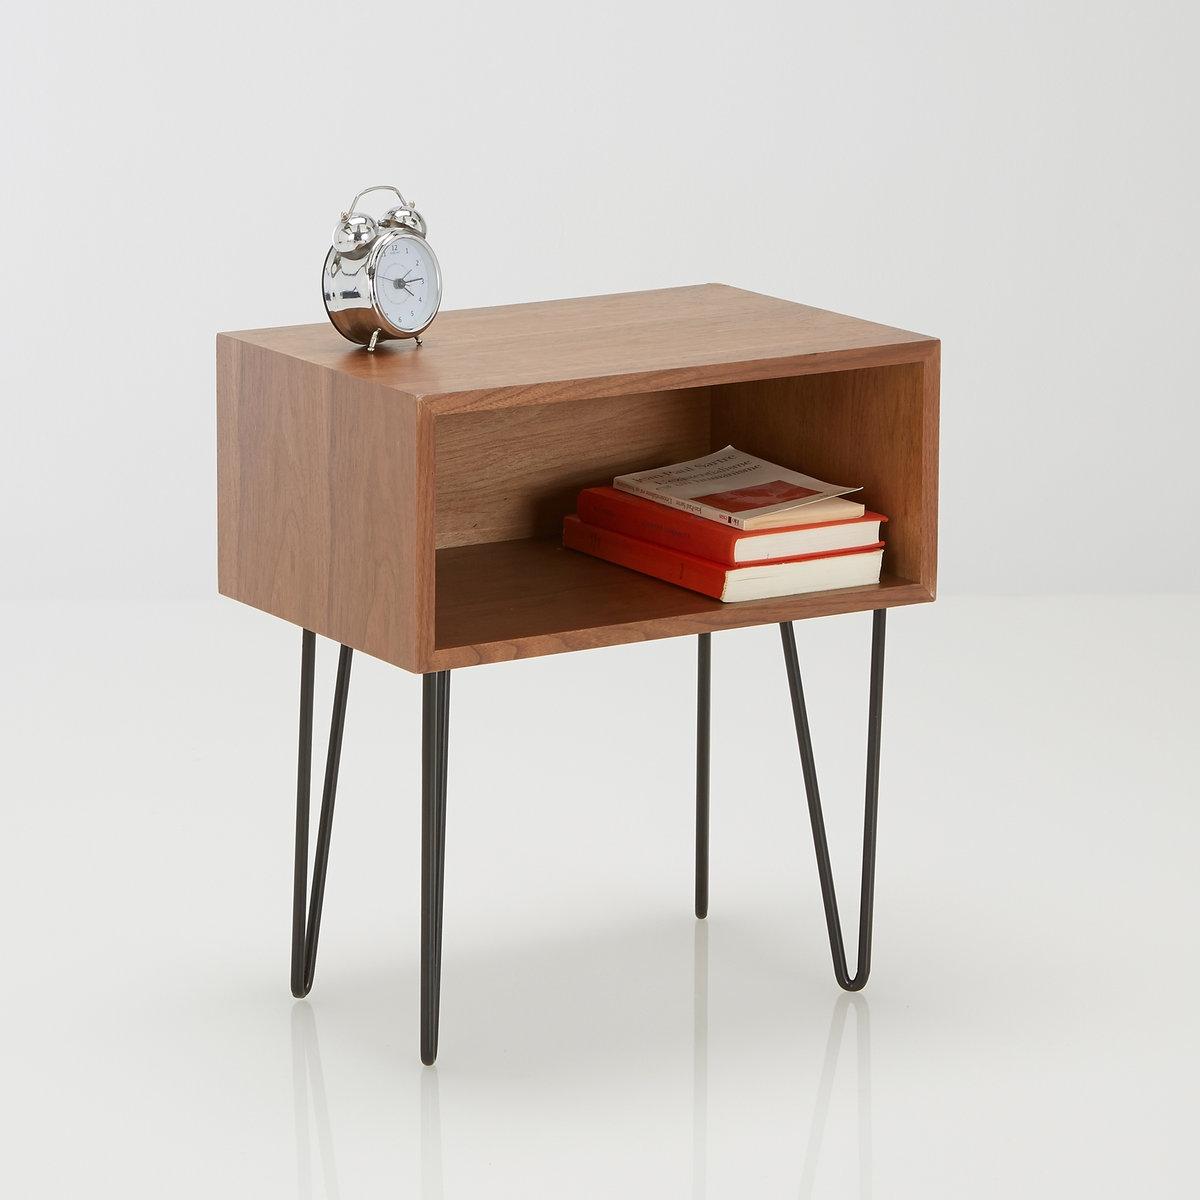 Прикроватный столик в стиле винтаж  WatfordПрикроватный столик  Watford. Добавьте немного очаровательного винтажного стиля в интерьер спальной комнаты или гостиной,прикроватный столикWatford также добавит офисного стиля благодаря использованию в качестве дополнительного столика. Характеристики   :Верх под столешницу в офисном стиле.Ниша для хранения вещей отделана ореховым шпоном.Металлические ножки с эпоксидным покрытием черного цвета  .Поставляется в разобранном виде .Откройте для себя всюколлекцию Watford на сайте laredoute.ru..Размеры столика  Watford    :Ширина : 45 см Высота : 50,5 см Глубина : 30 смРазмеры ящика    :1 упаковка50 x 26 x 36 см Вес  7 кг<br><br>Цвет: черный